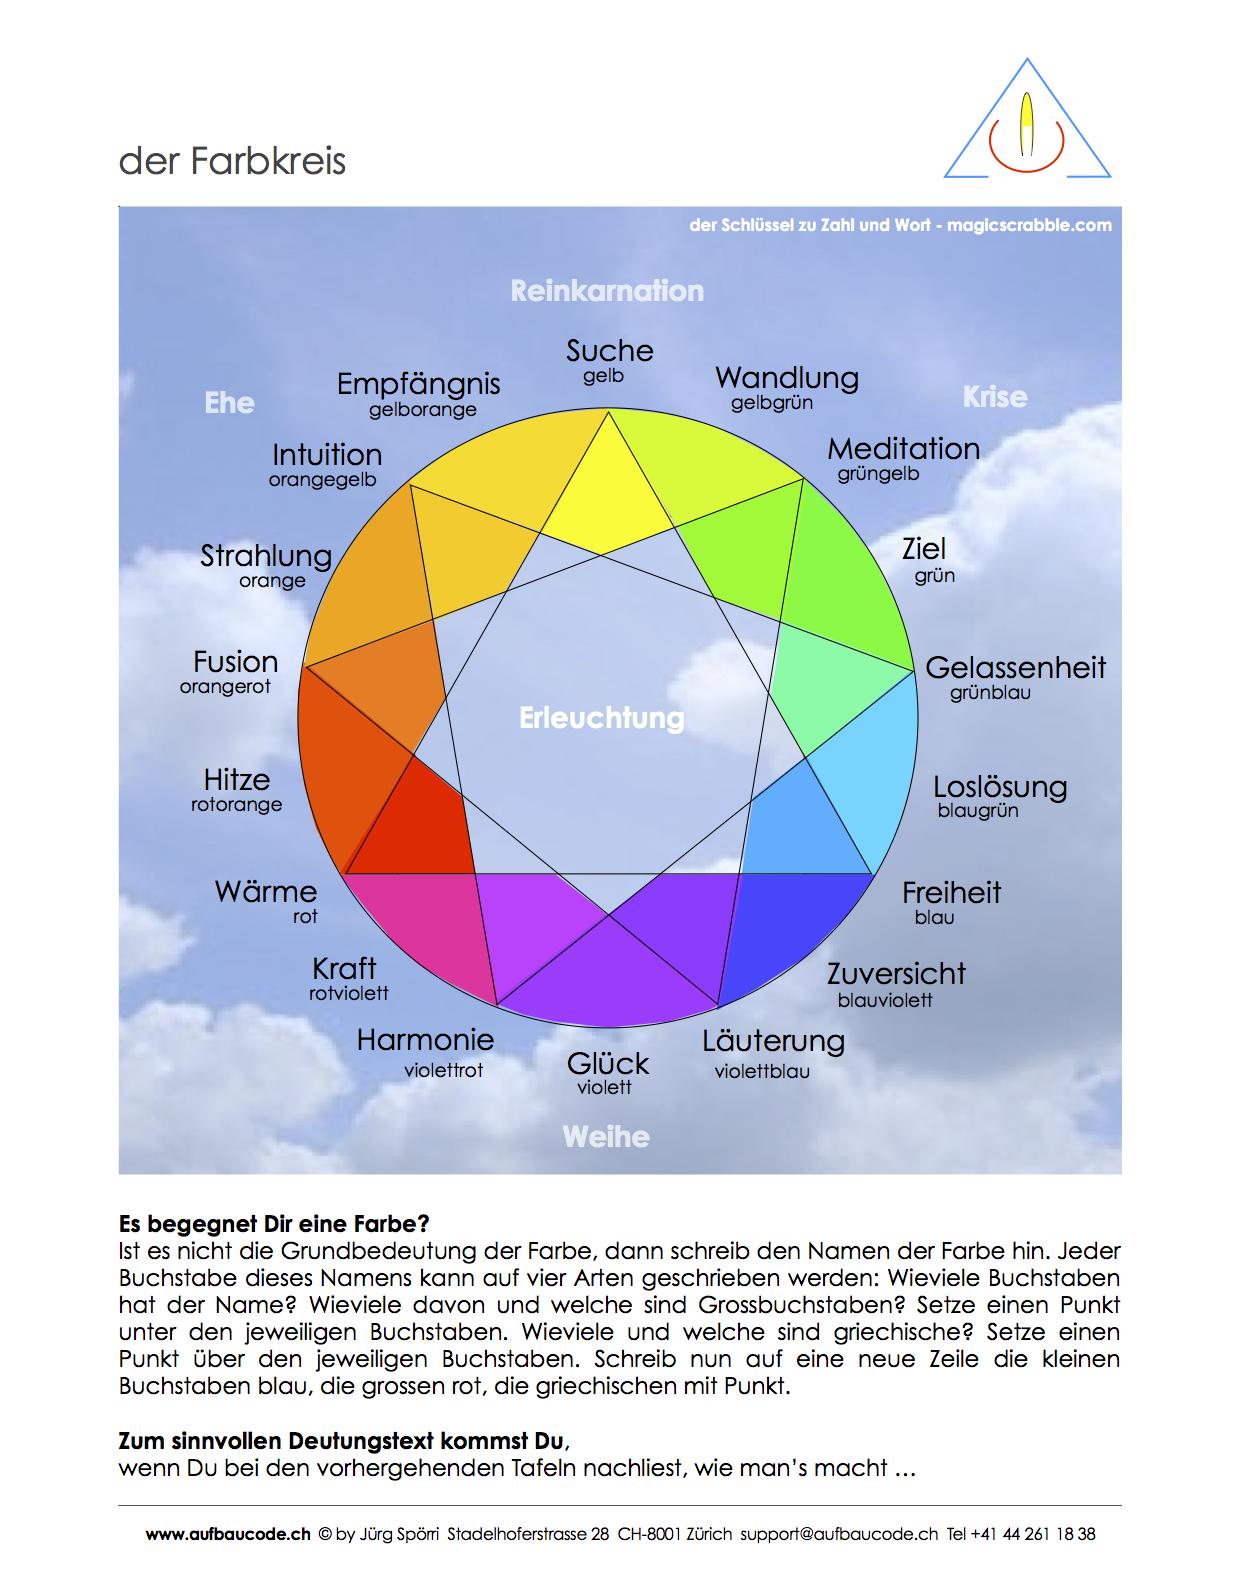 Aufbaucode - der Farbkreis